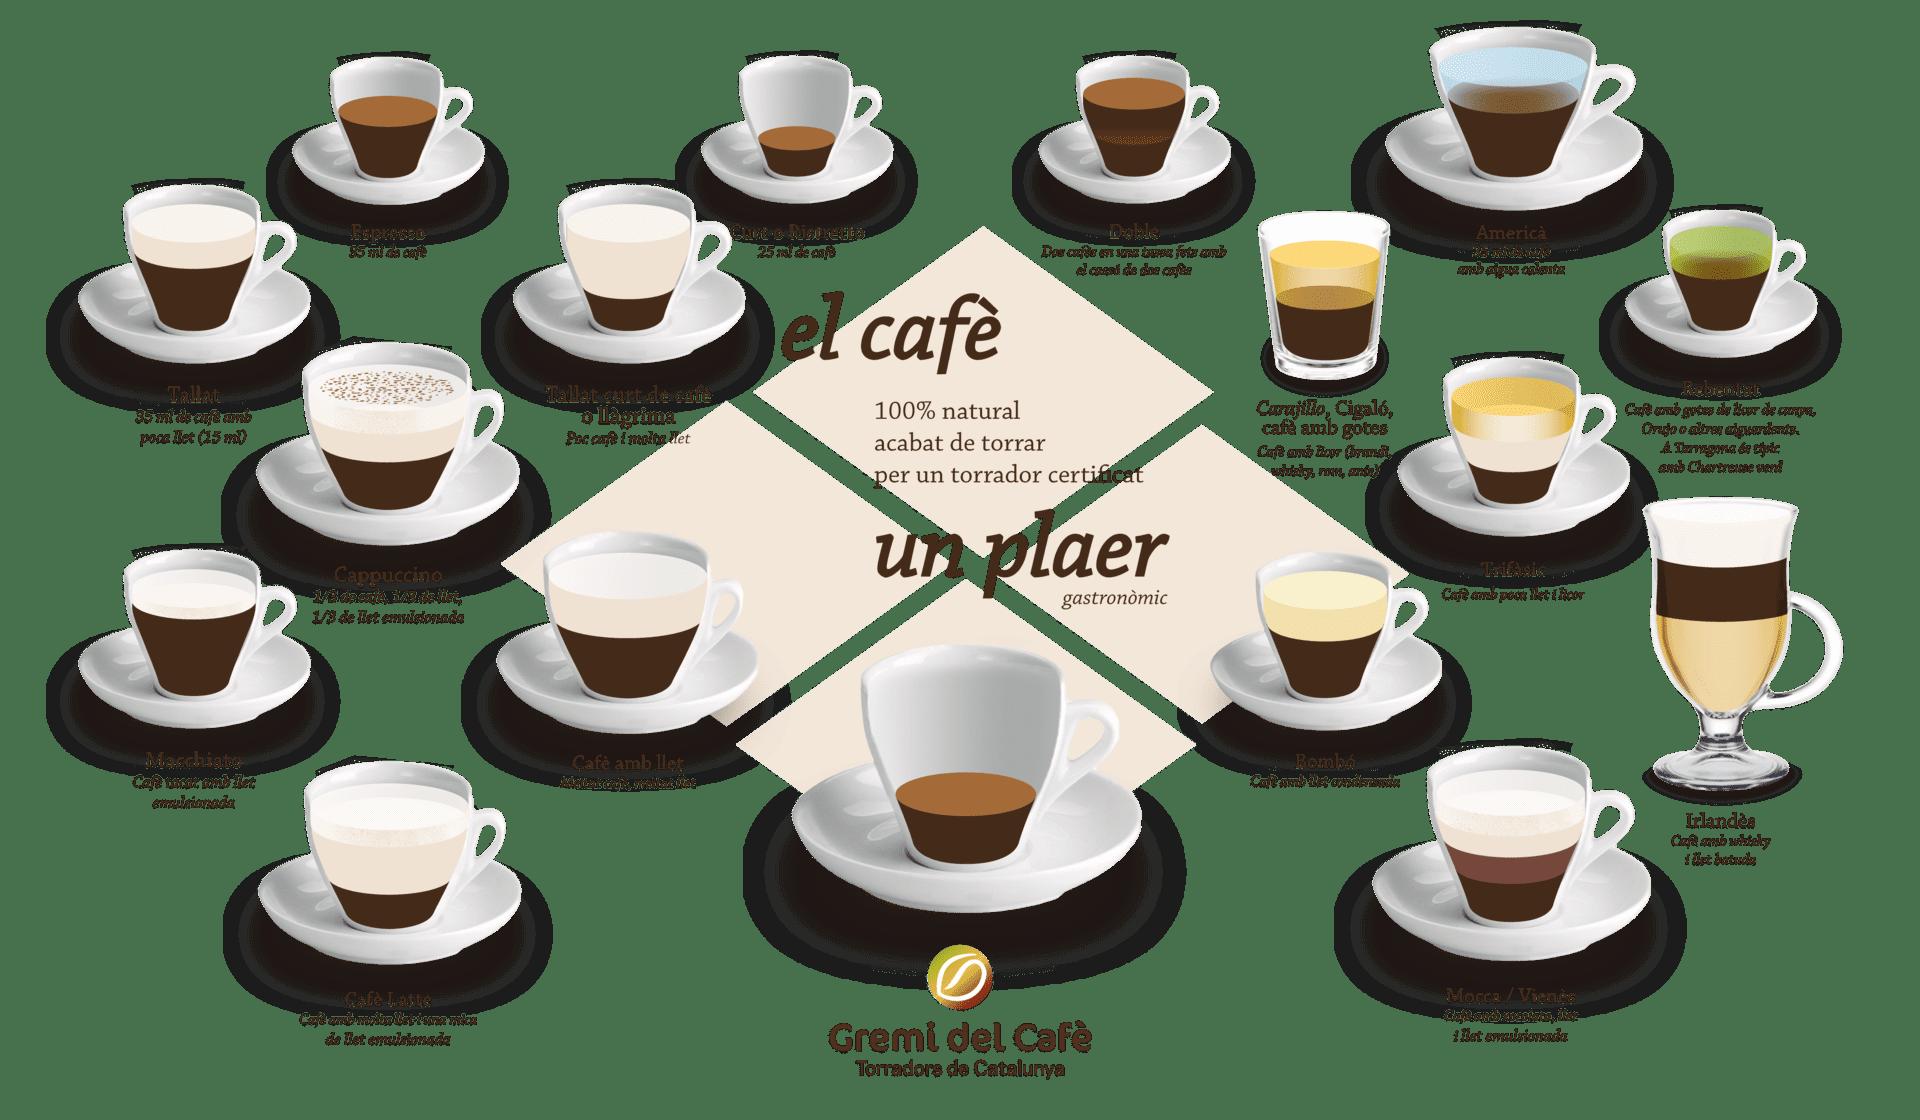 Cartell recopilatori dels cafès més populars a Catalunya